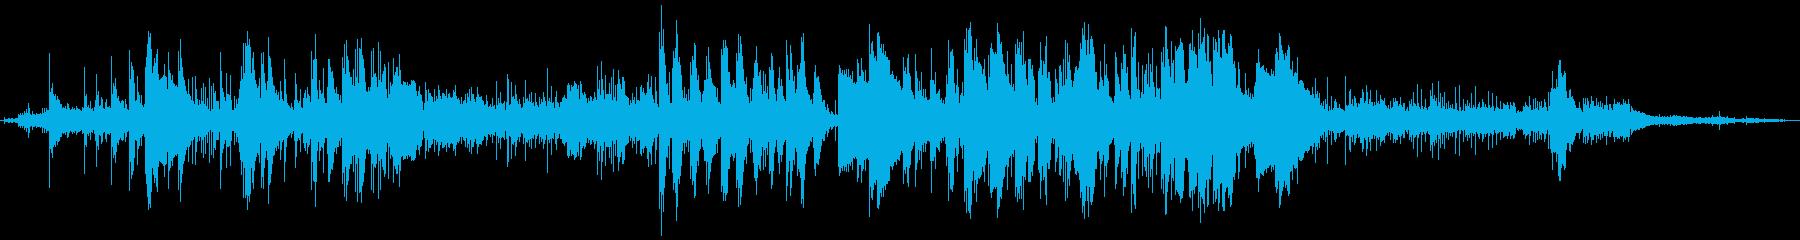 アンビエント 説明的 エスニック ...の再生済みの波形